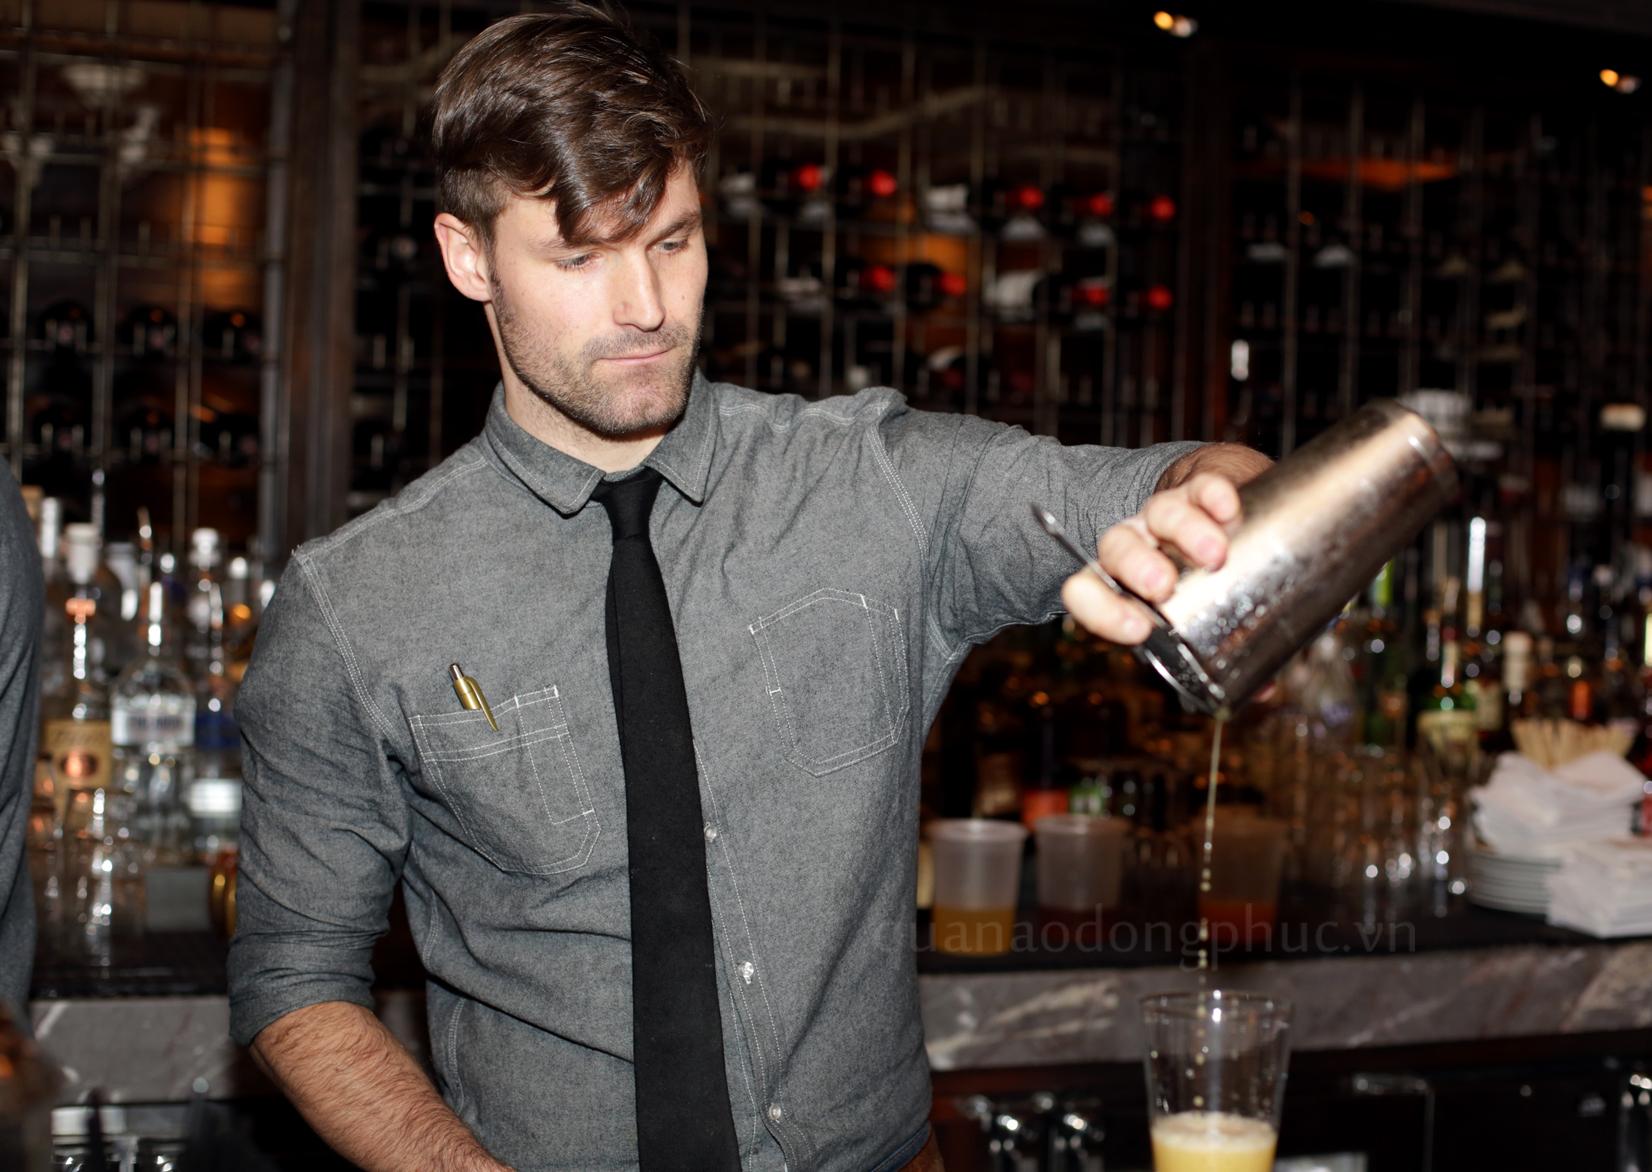 việc làm Bartender